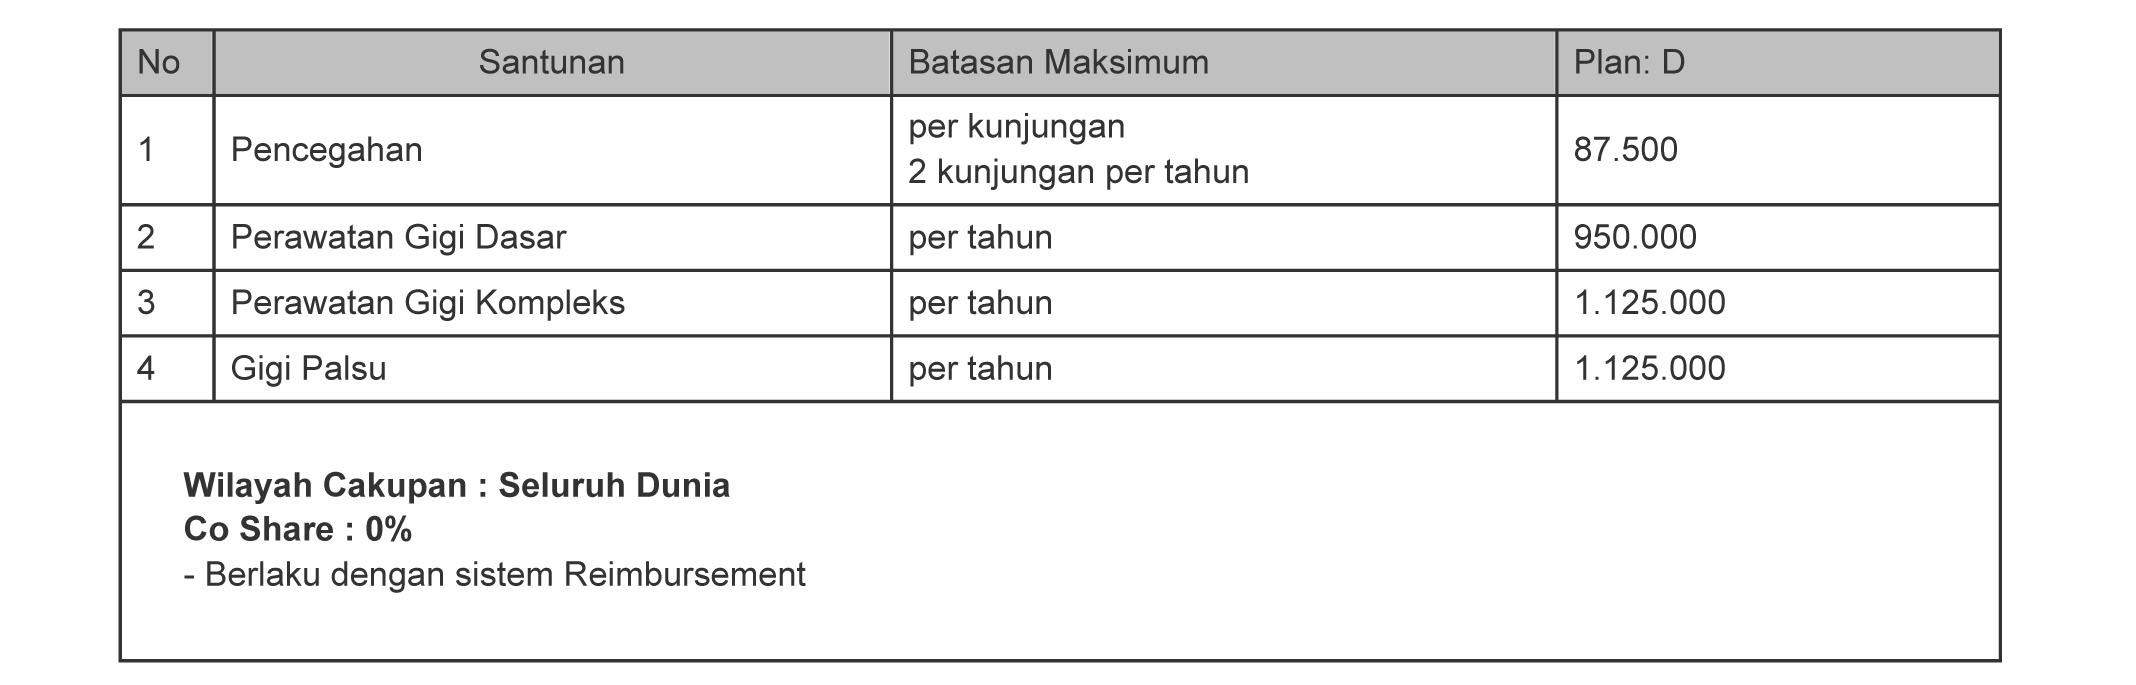 Tabel Manfaat Asuransi Rawat Gigi Smarthealth Maxi Violet atau Allisya Care Plan D